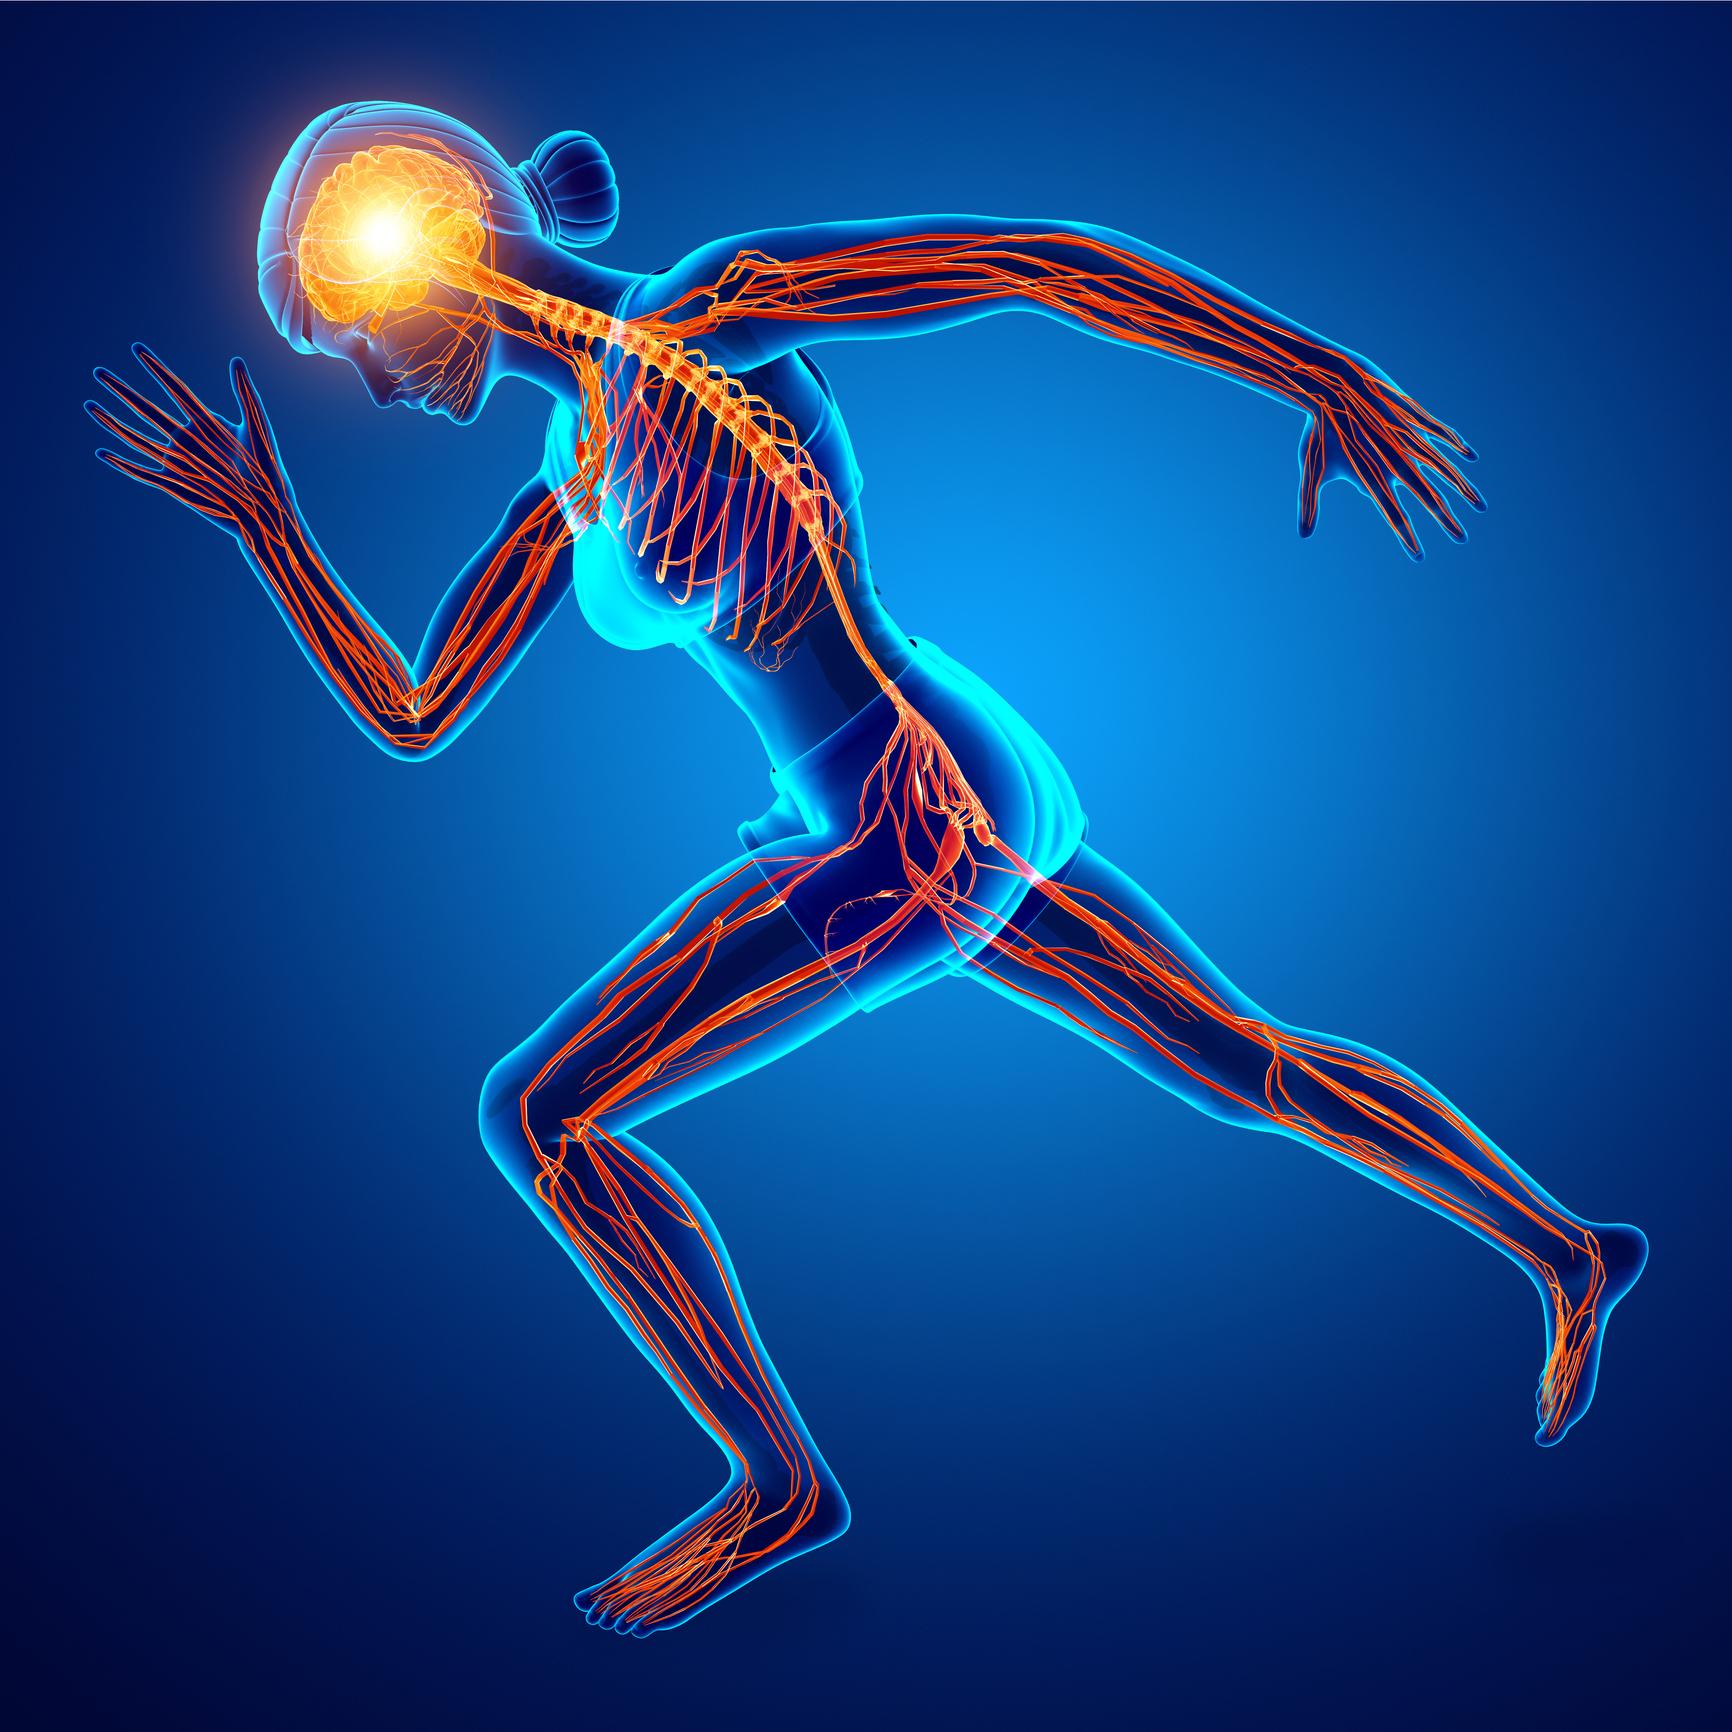 3d Illustration of Human Nervous System